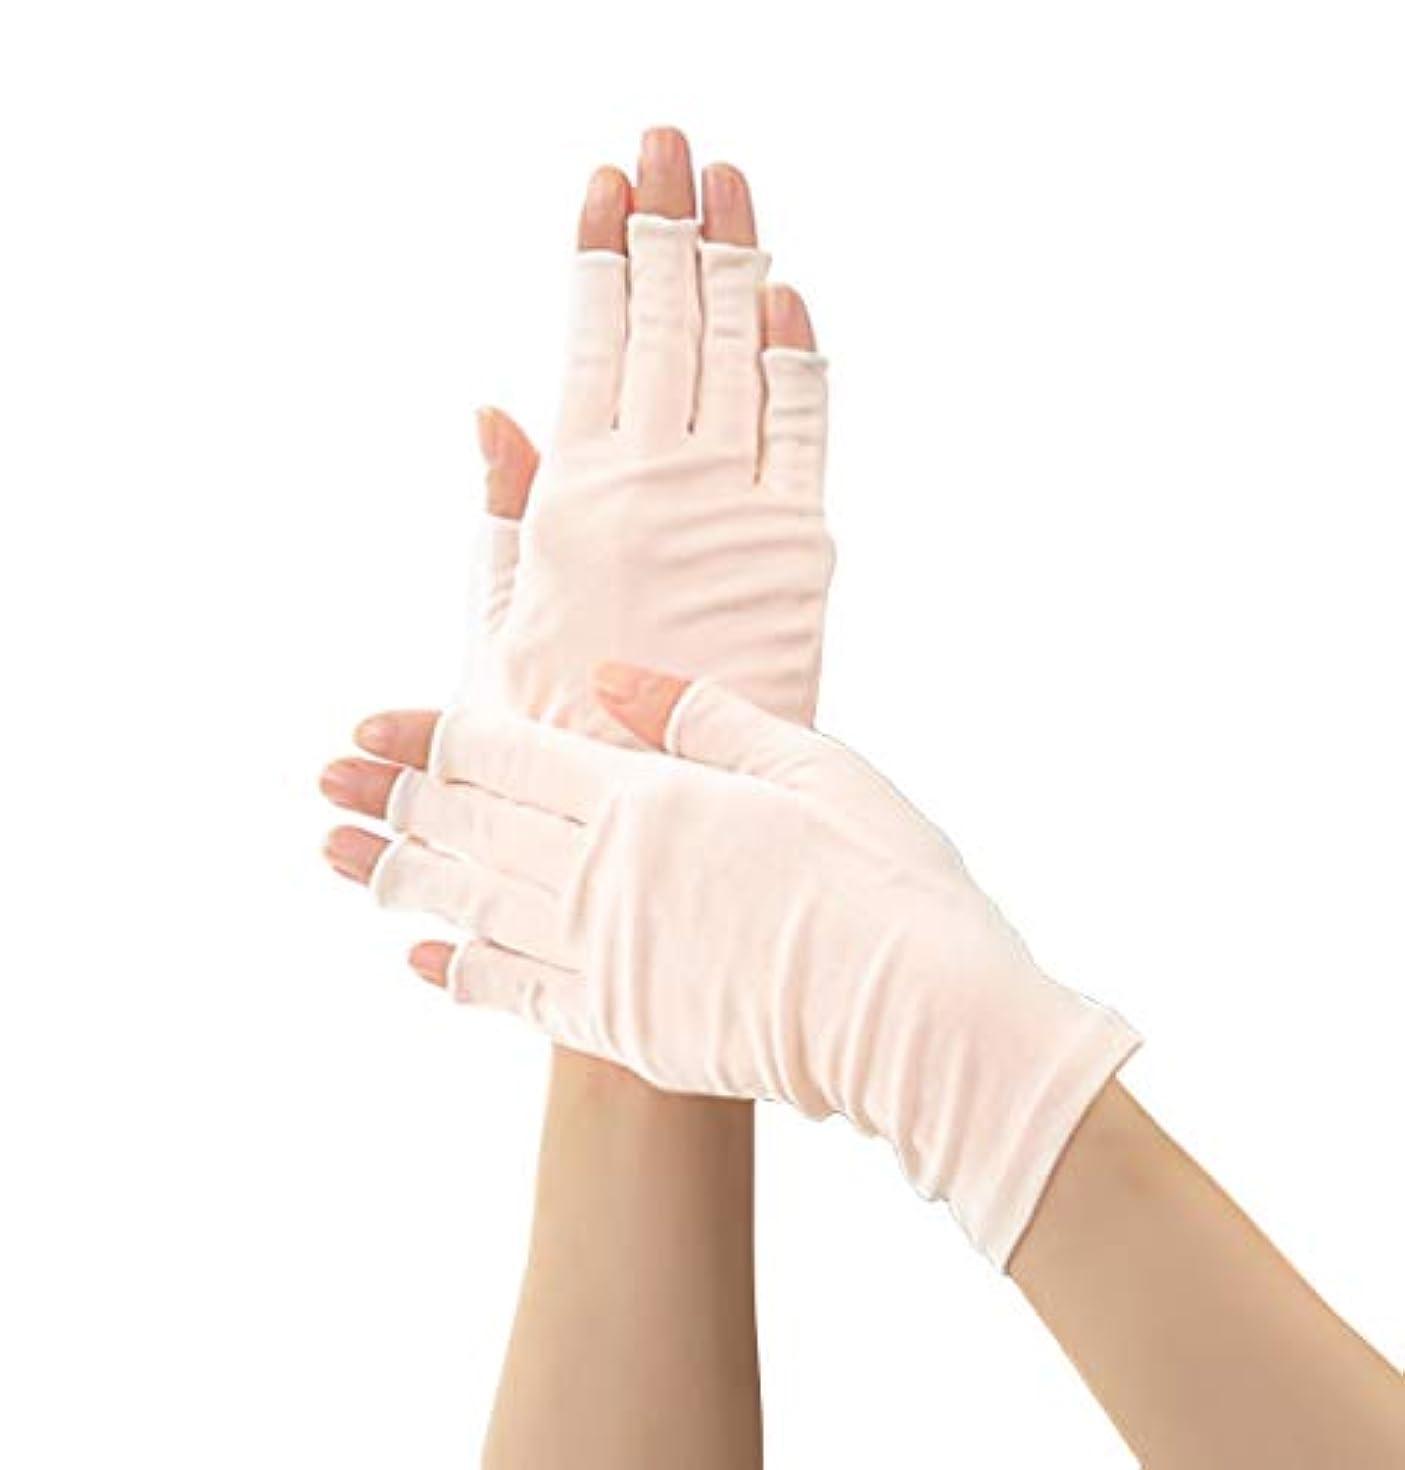 正午追加するストロークSilk 100% シルク 手袋 指先カット タイプ 薄手 オールシーズンOK 外出時の 紫外線 UV 対策 スマホ PC 操作 や ICカード 取り出しもらくらく! 手首 ゆったり おやすみ フィンガーレス スキンケア...